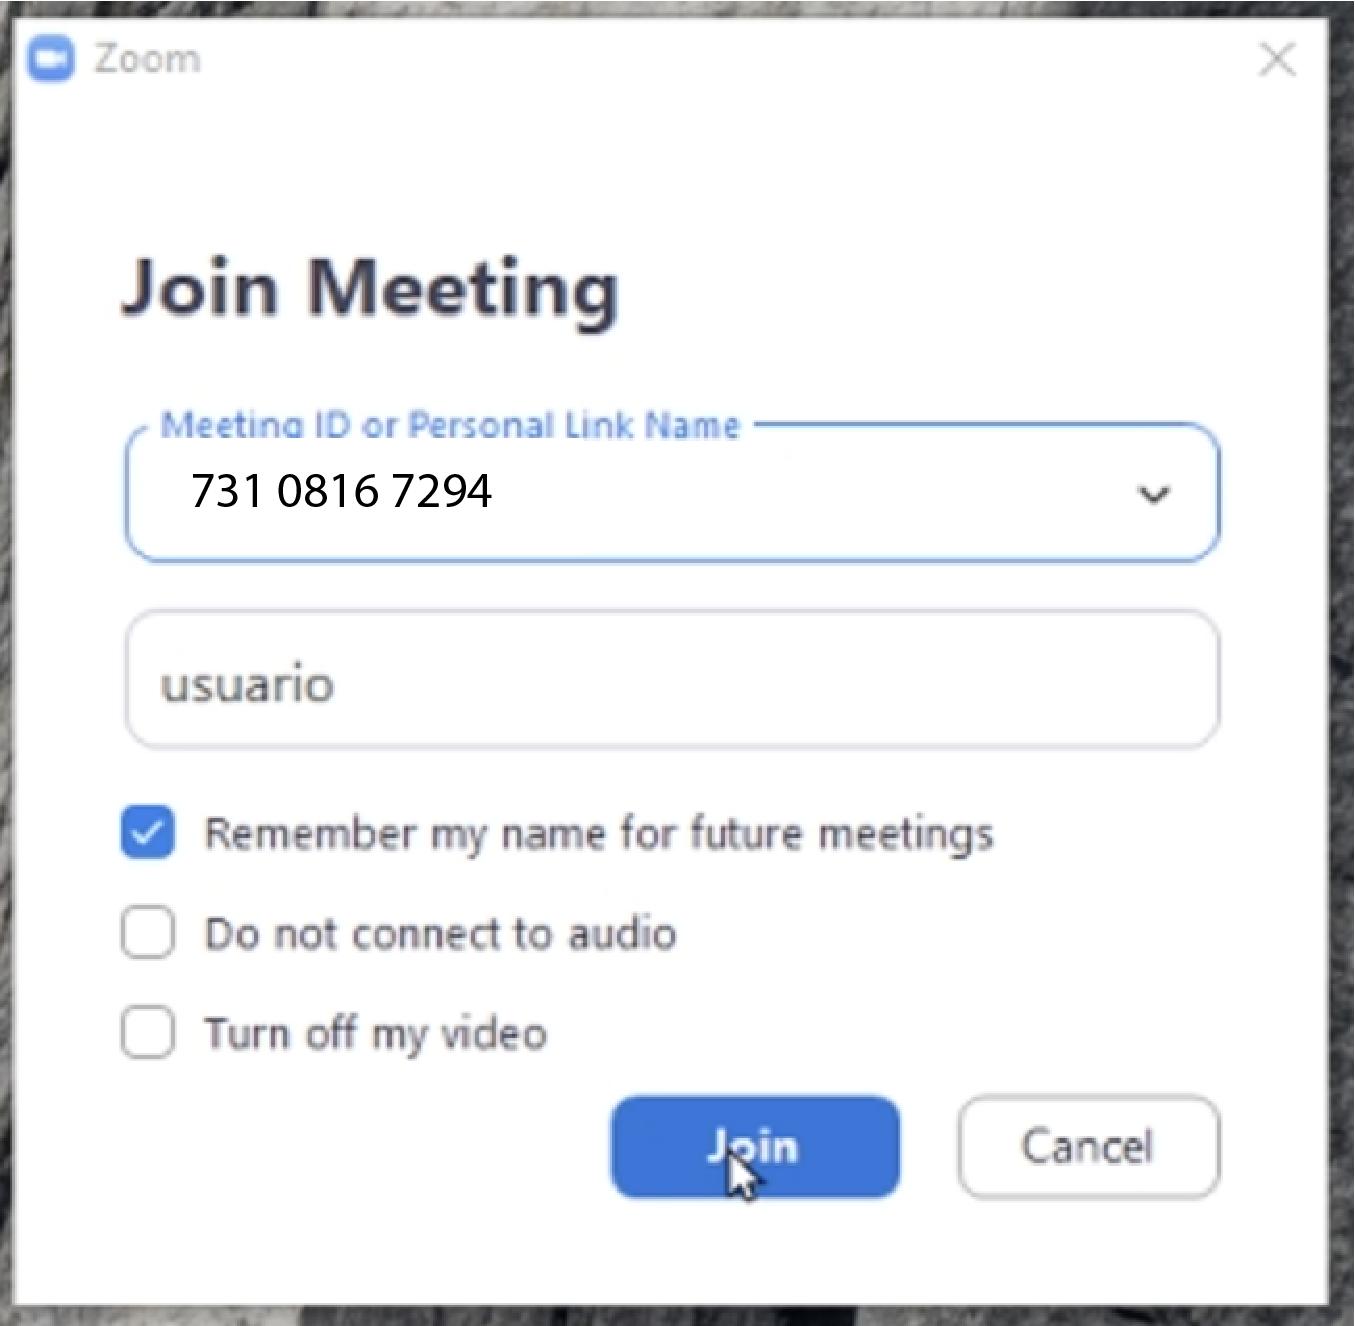 Imagem mostra onde inserir o número ID de uma reunião do Zoom